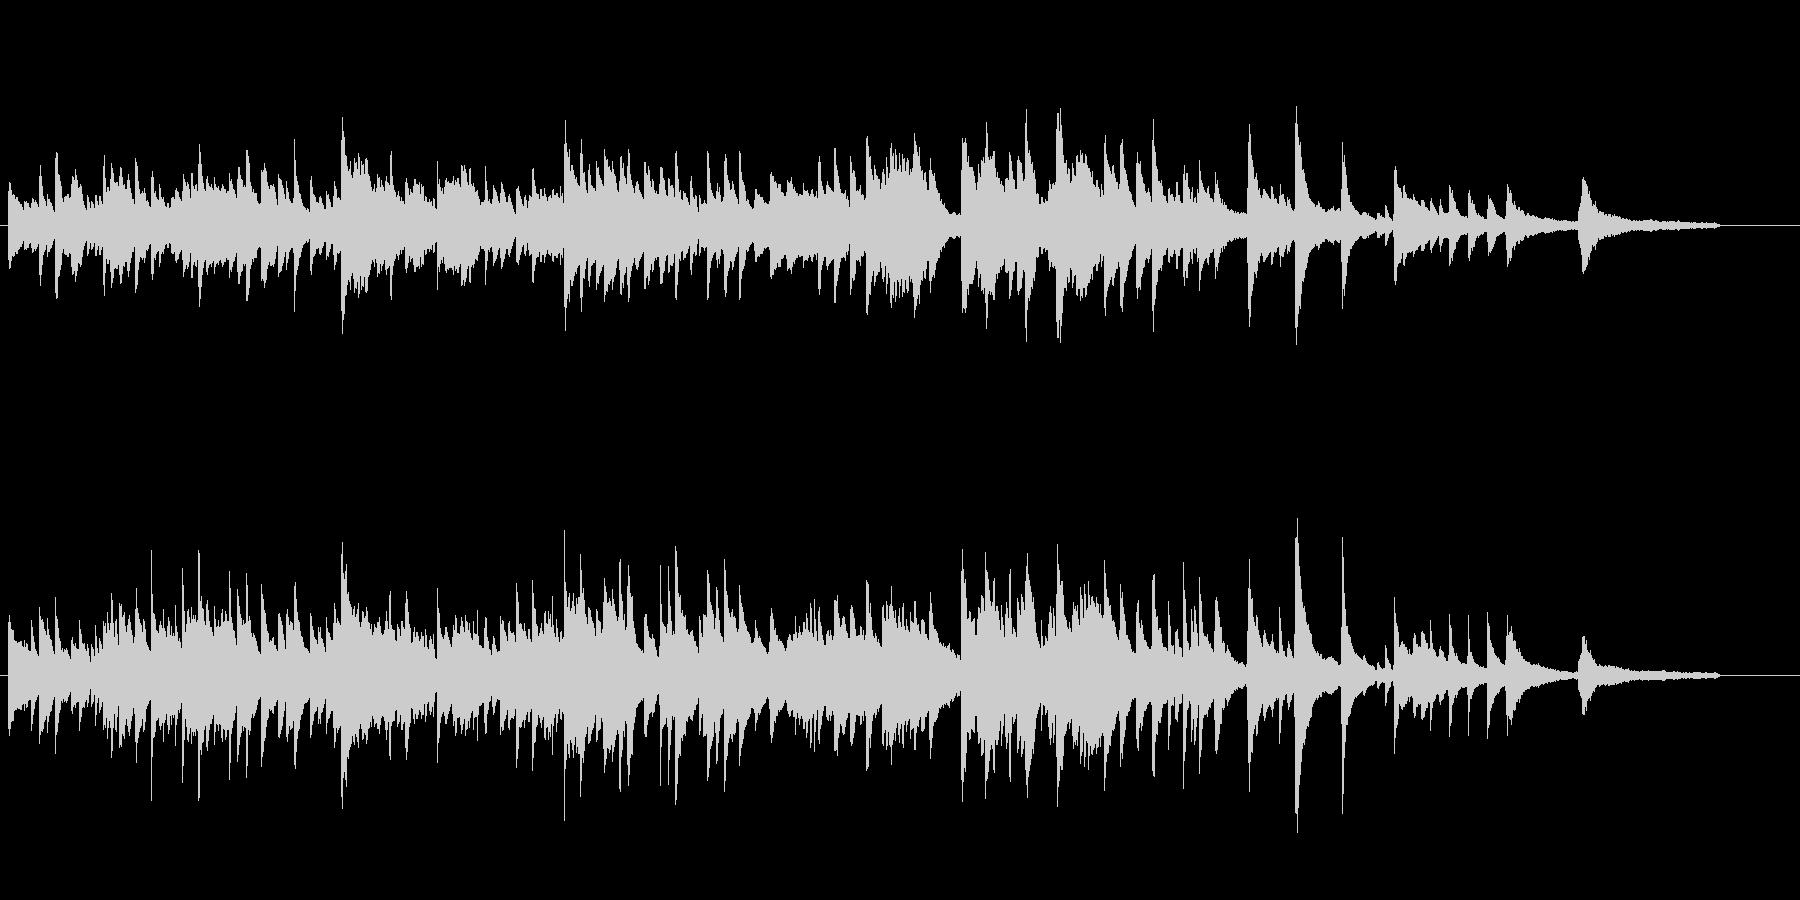 感動的な雰囲気のピアノソロの未再生の波形